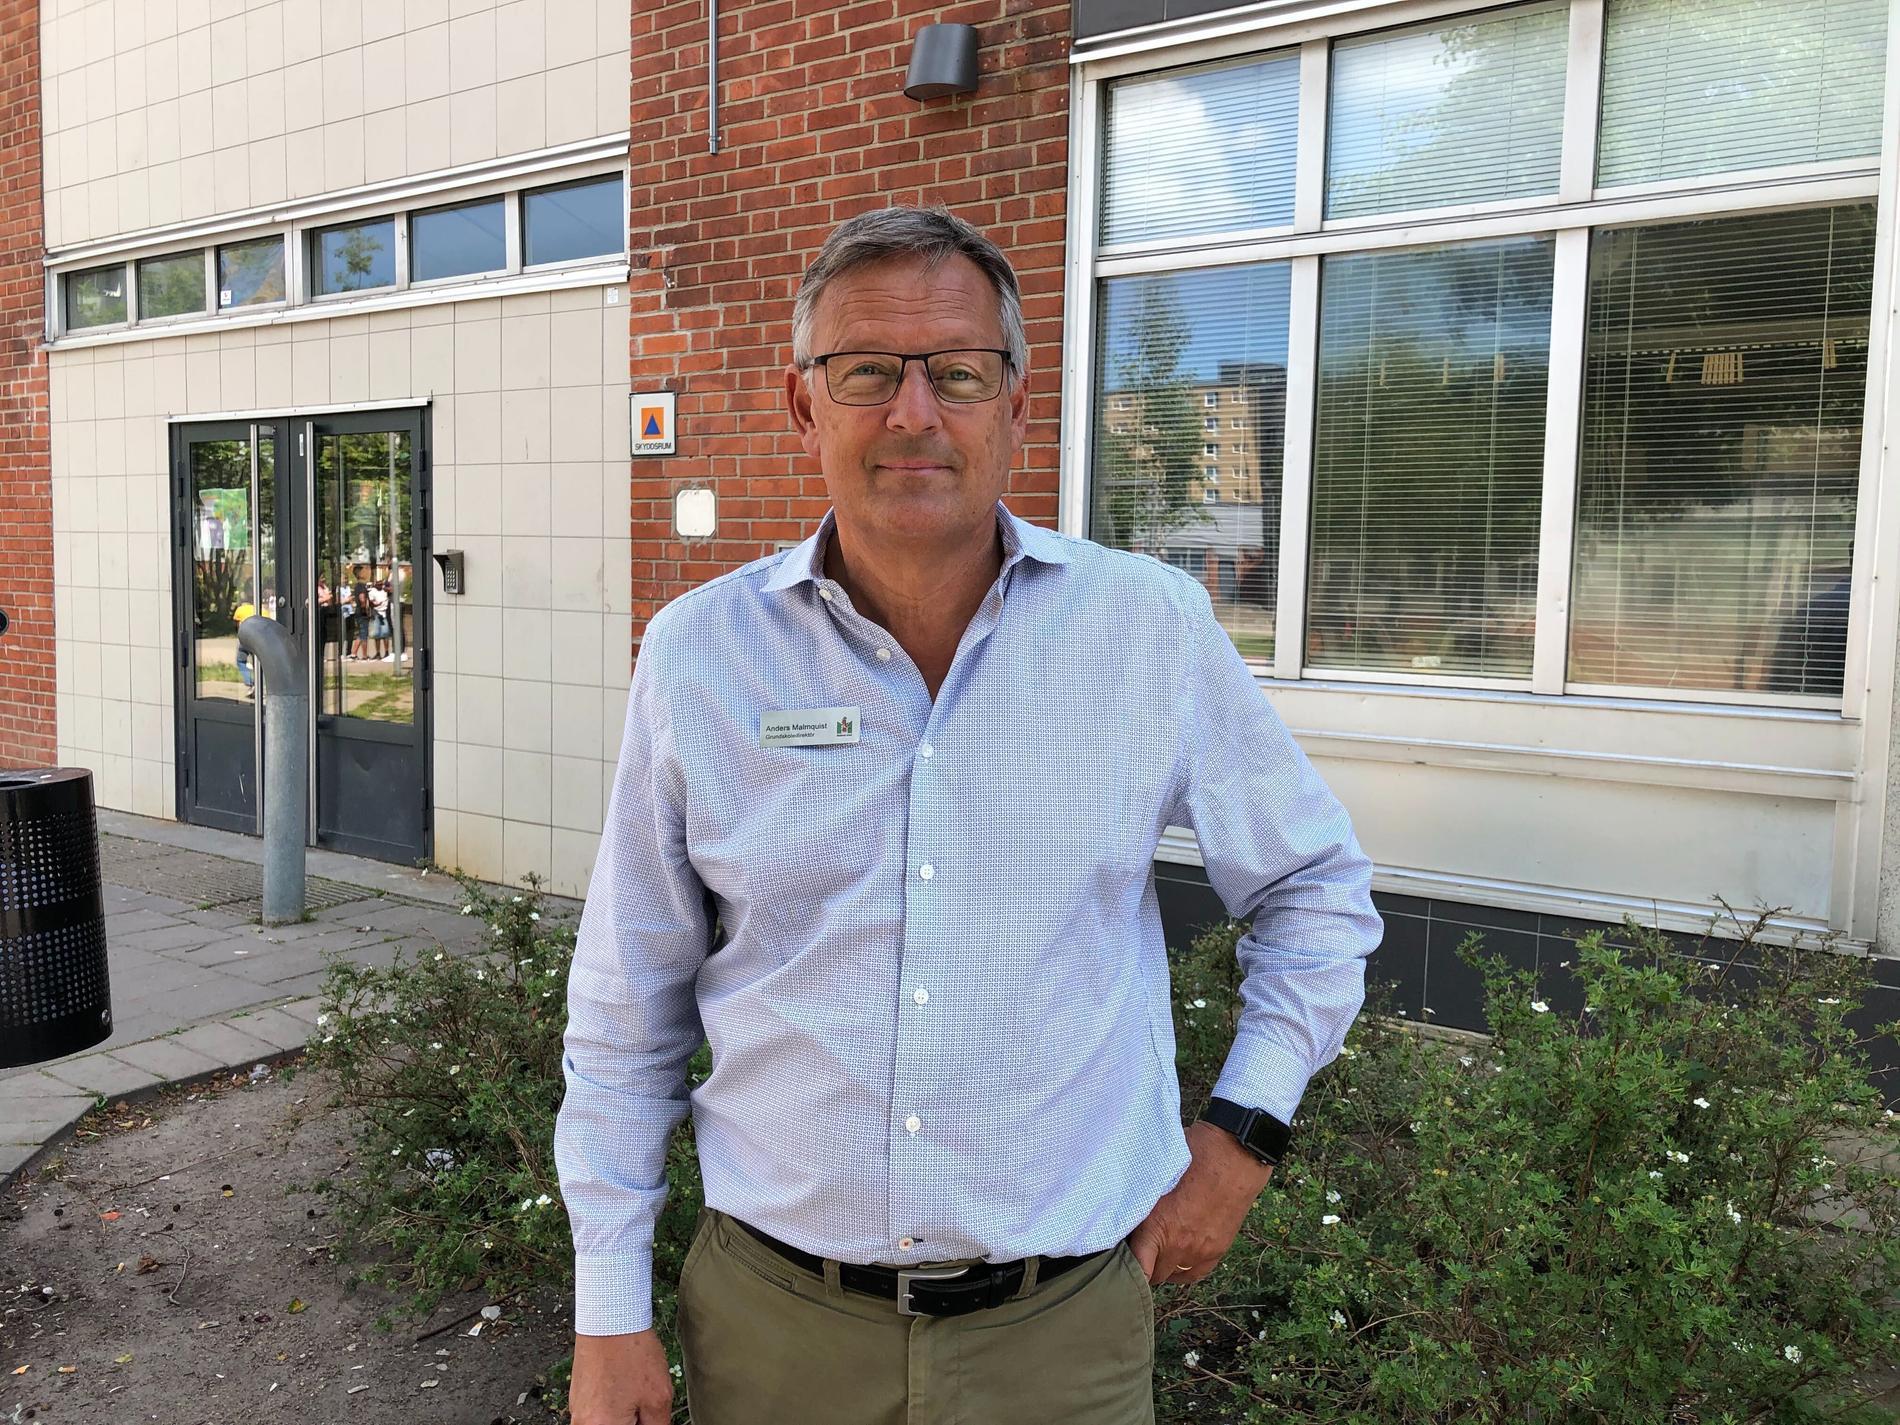 Anders Malmquist, grundskoledirektör, överraskades av resultaten med tanke på coronafrånvaron.